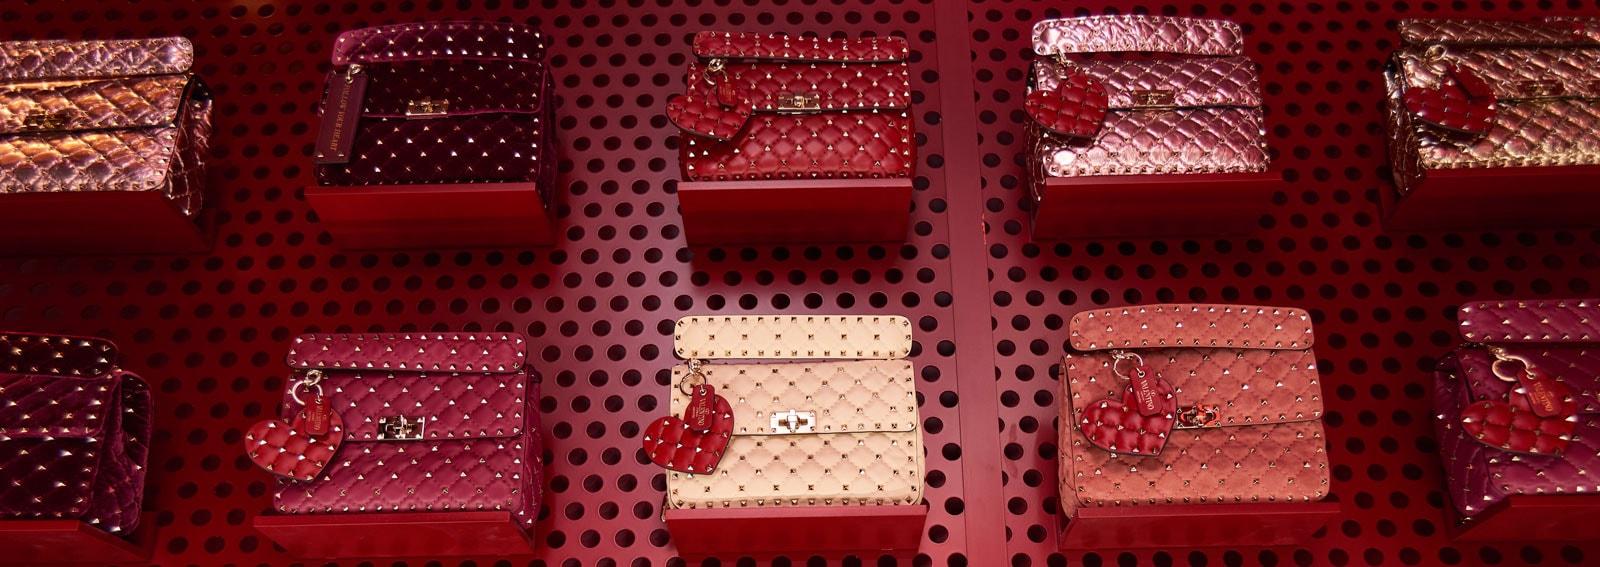 valentino-pop-up-parigi_DESKTOP